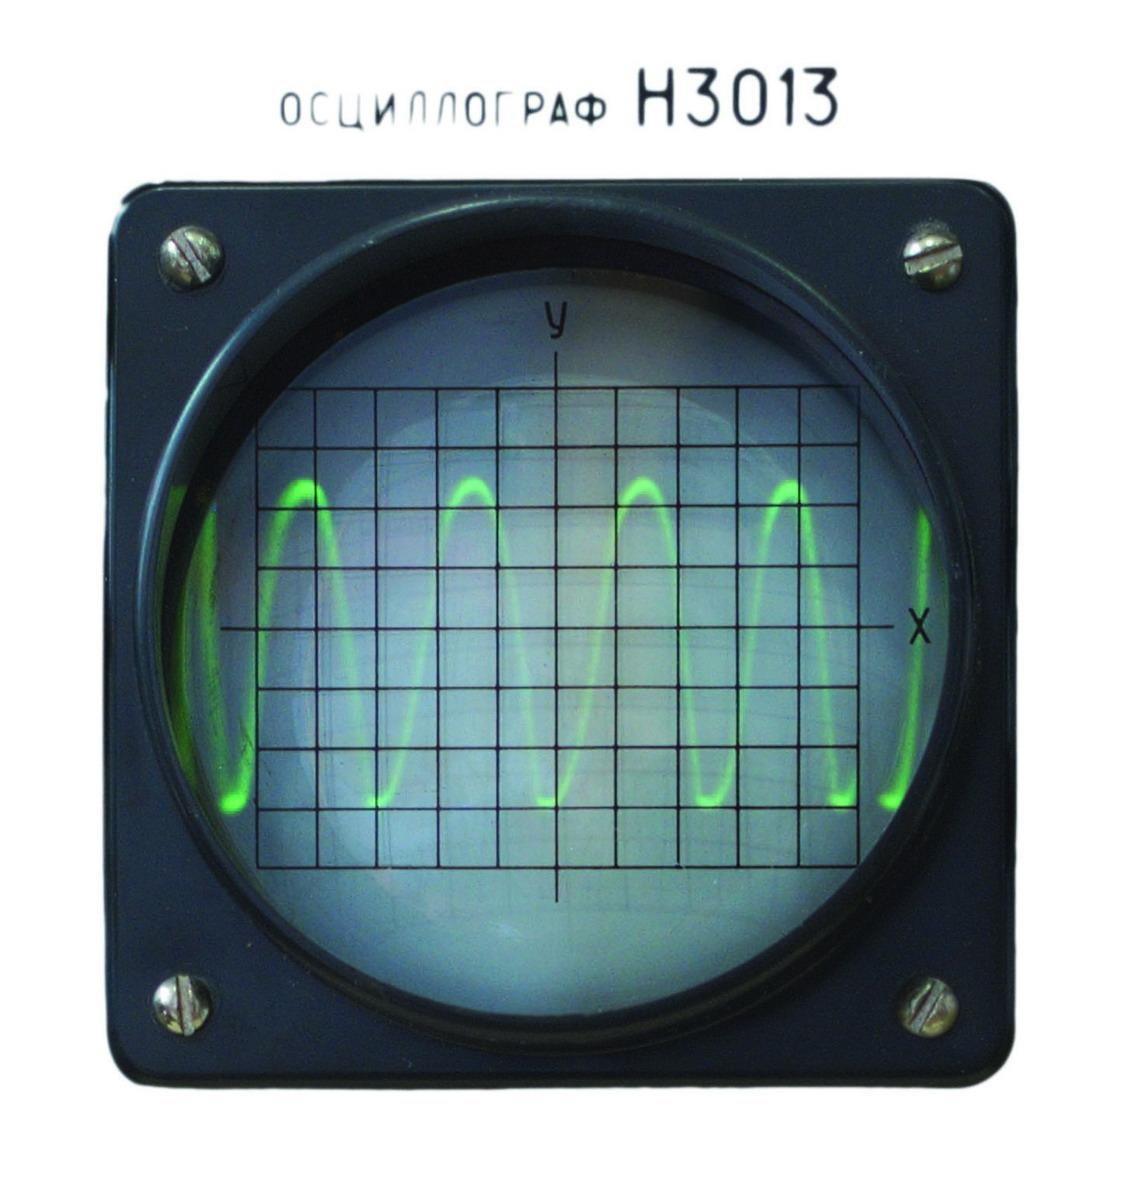 T uje (Farboplot 3), uklad elektroniczny na desce, oscyloskop, instalacja, wymiary zmienne, 2018 (fragment)_resize